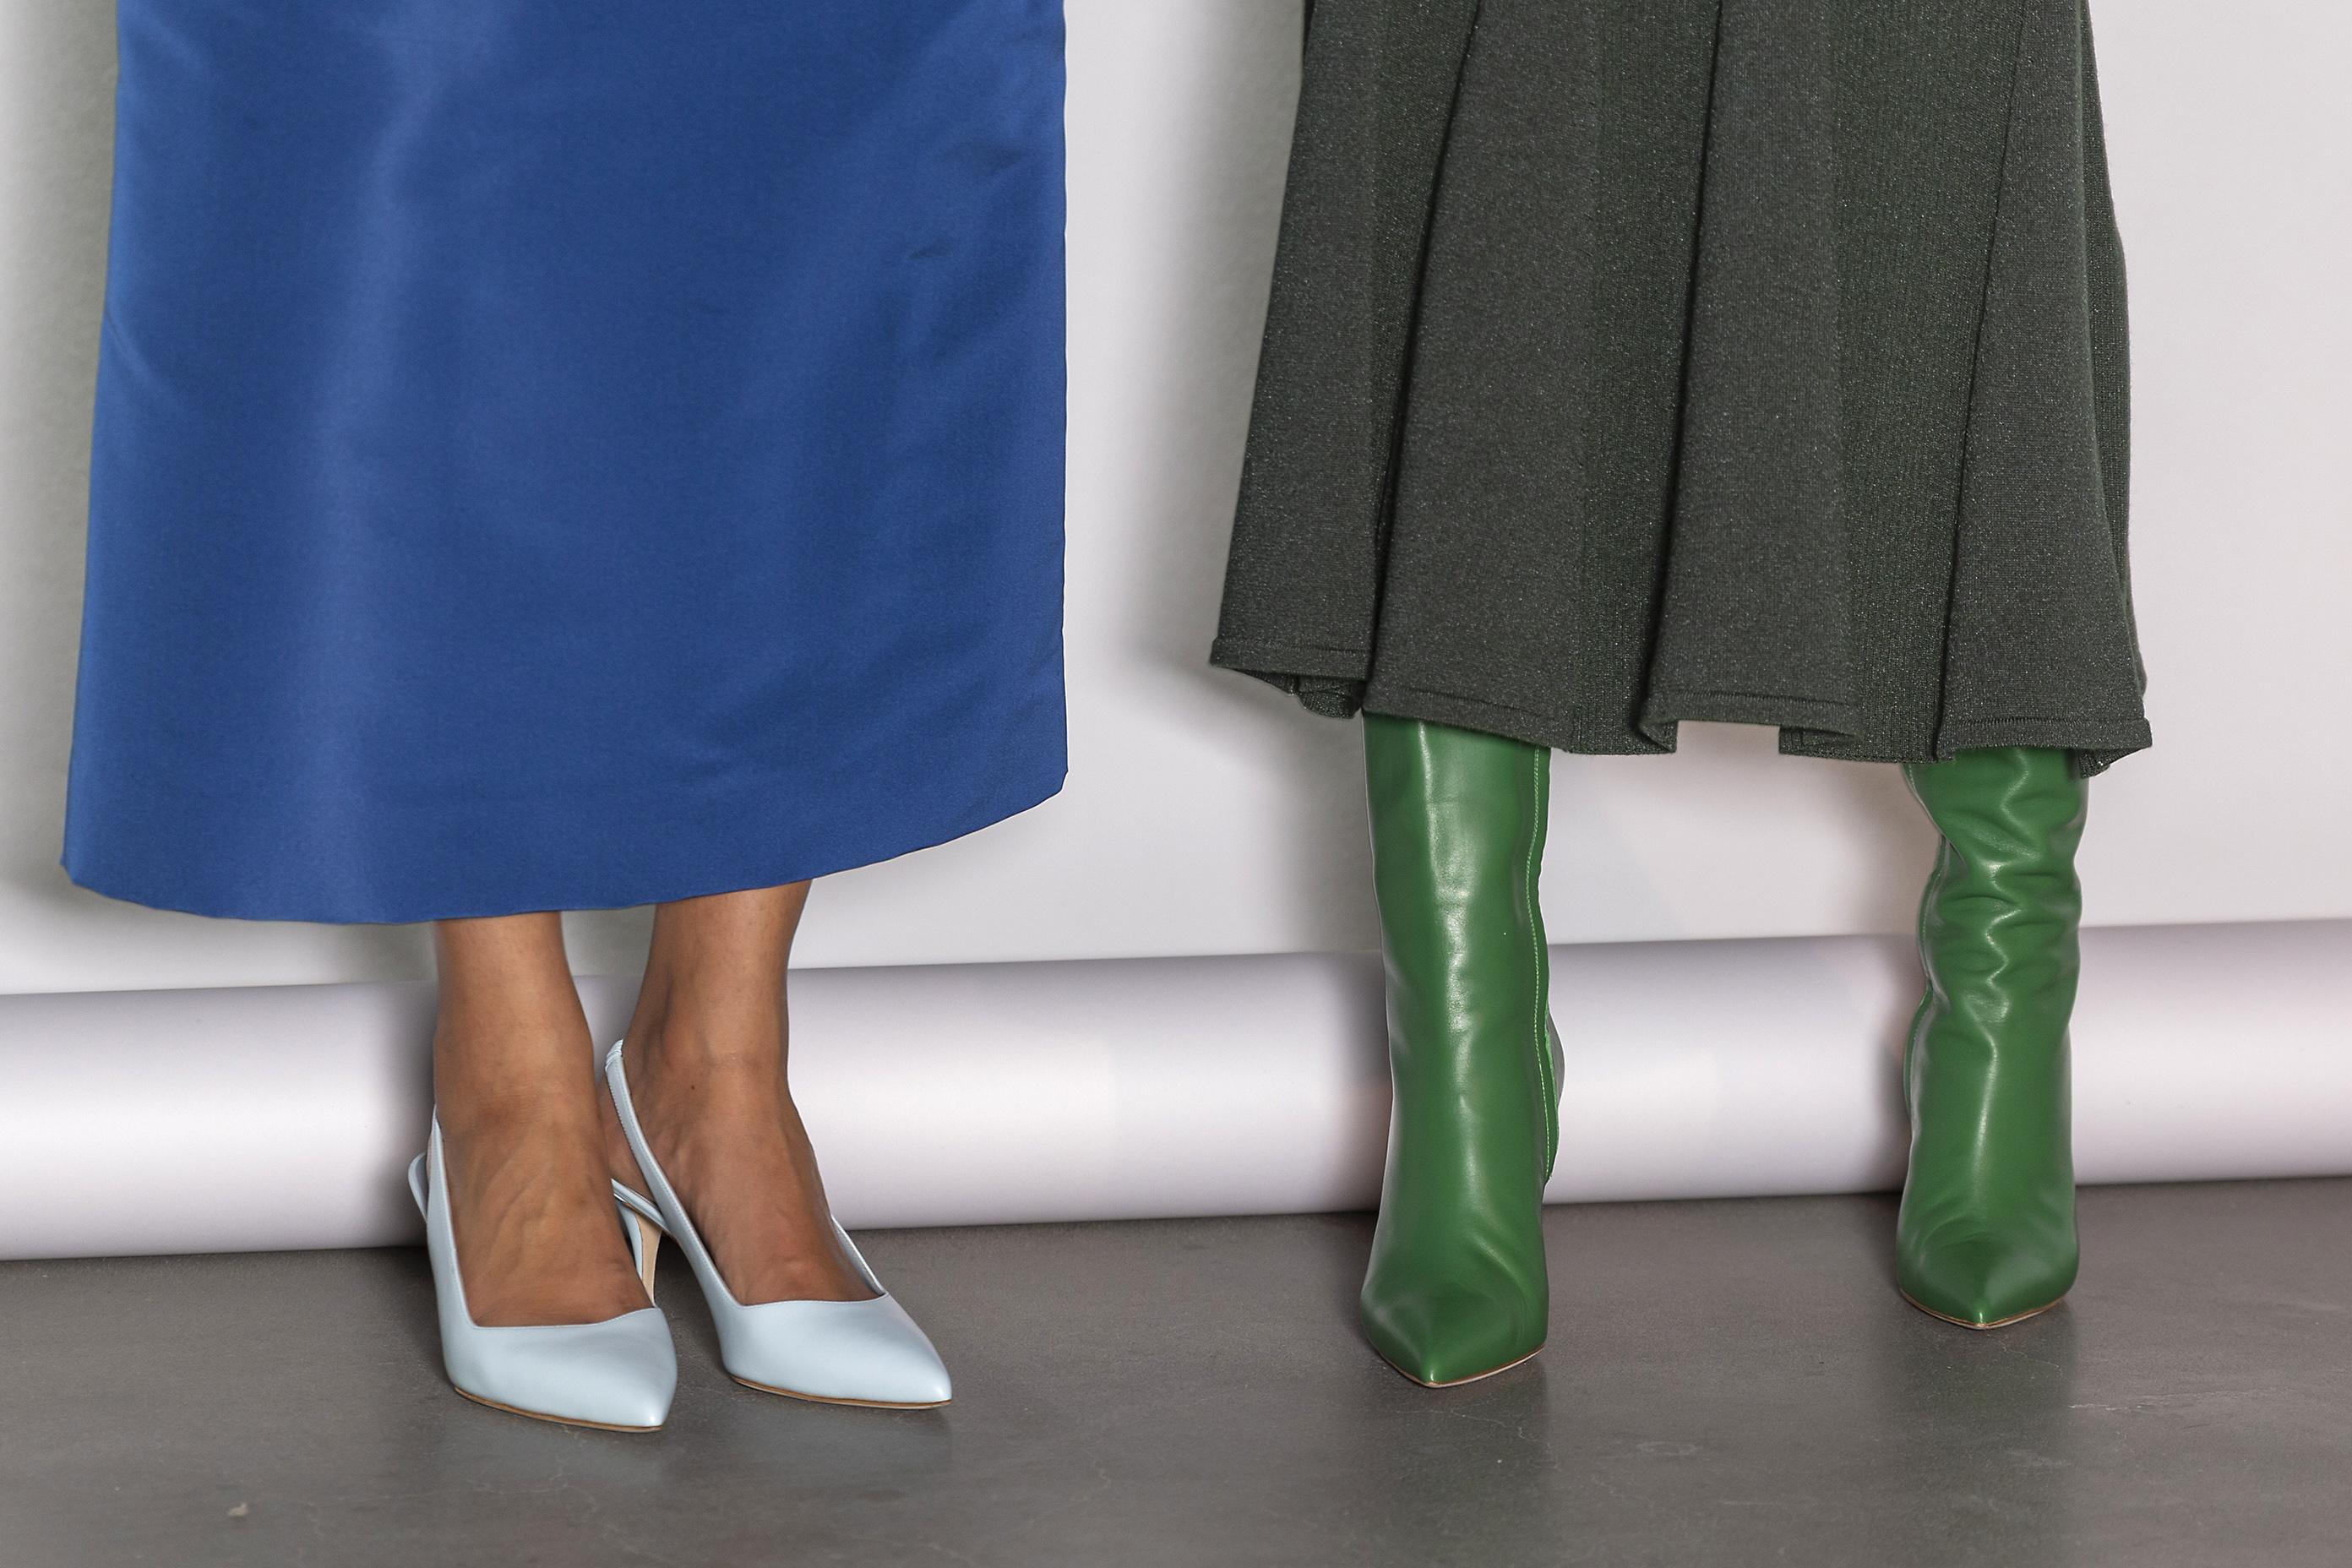 Σύμφωνα με τους μεγαλύτερους Οίκους Μόδας αυτές είναι οι τάσεις στα παπούτσια για τη σεζόν 2020-21